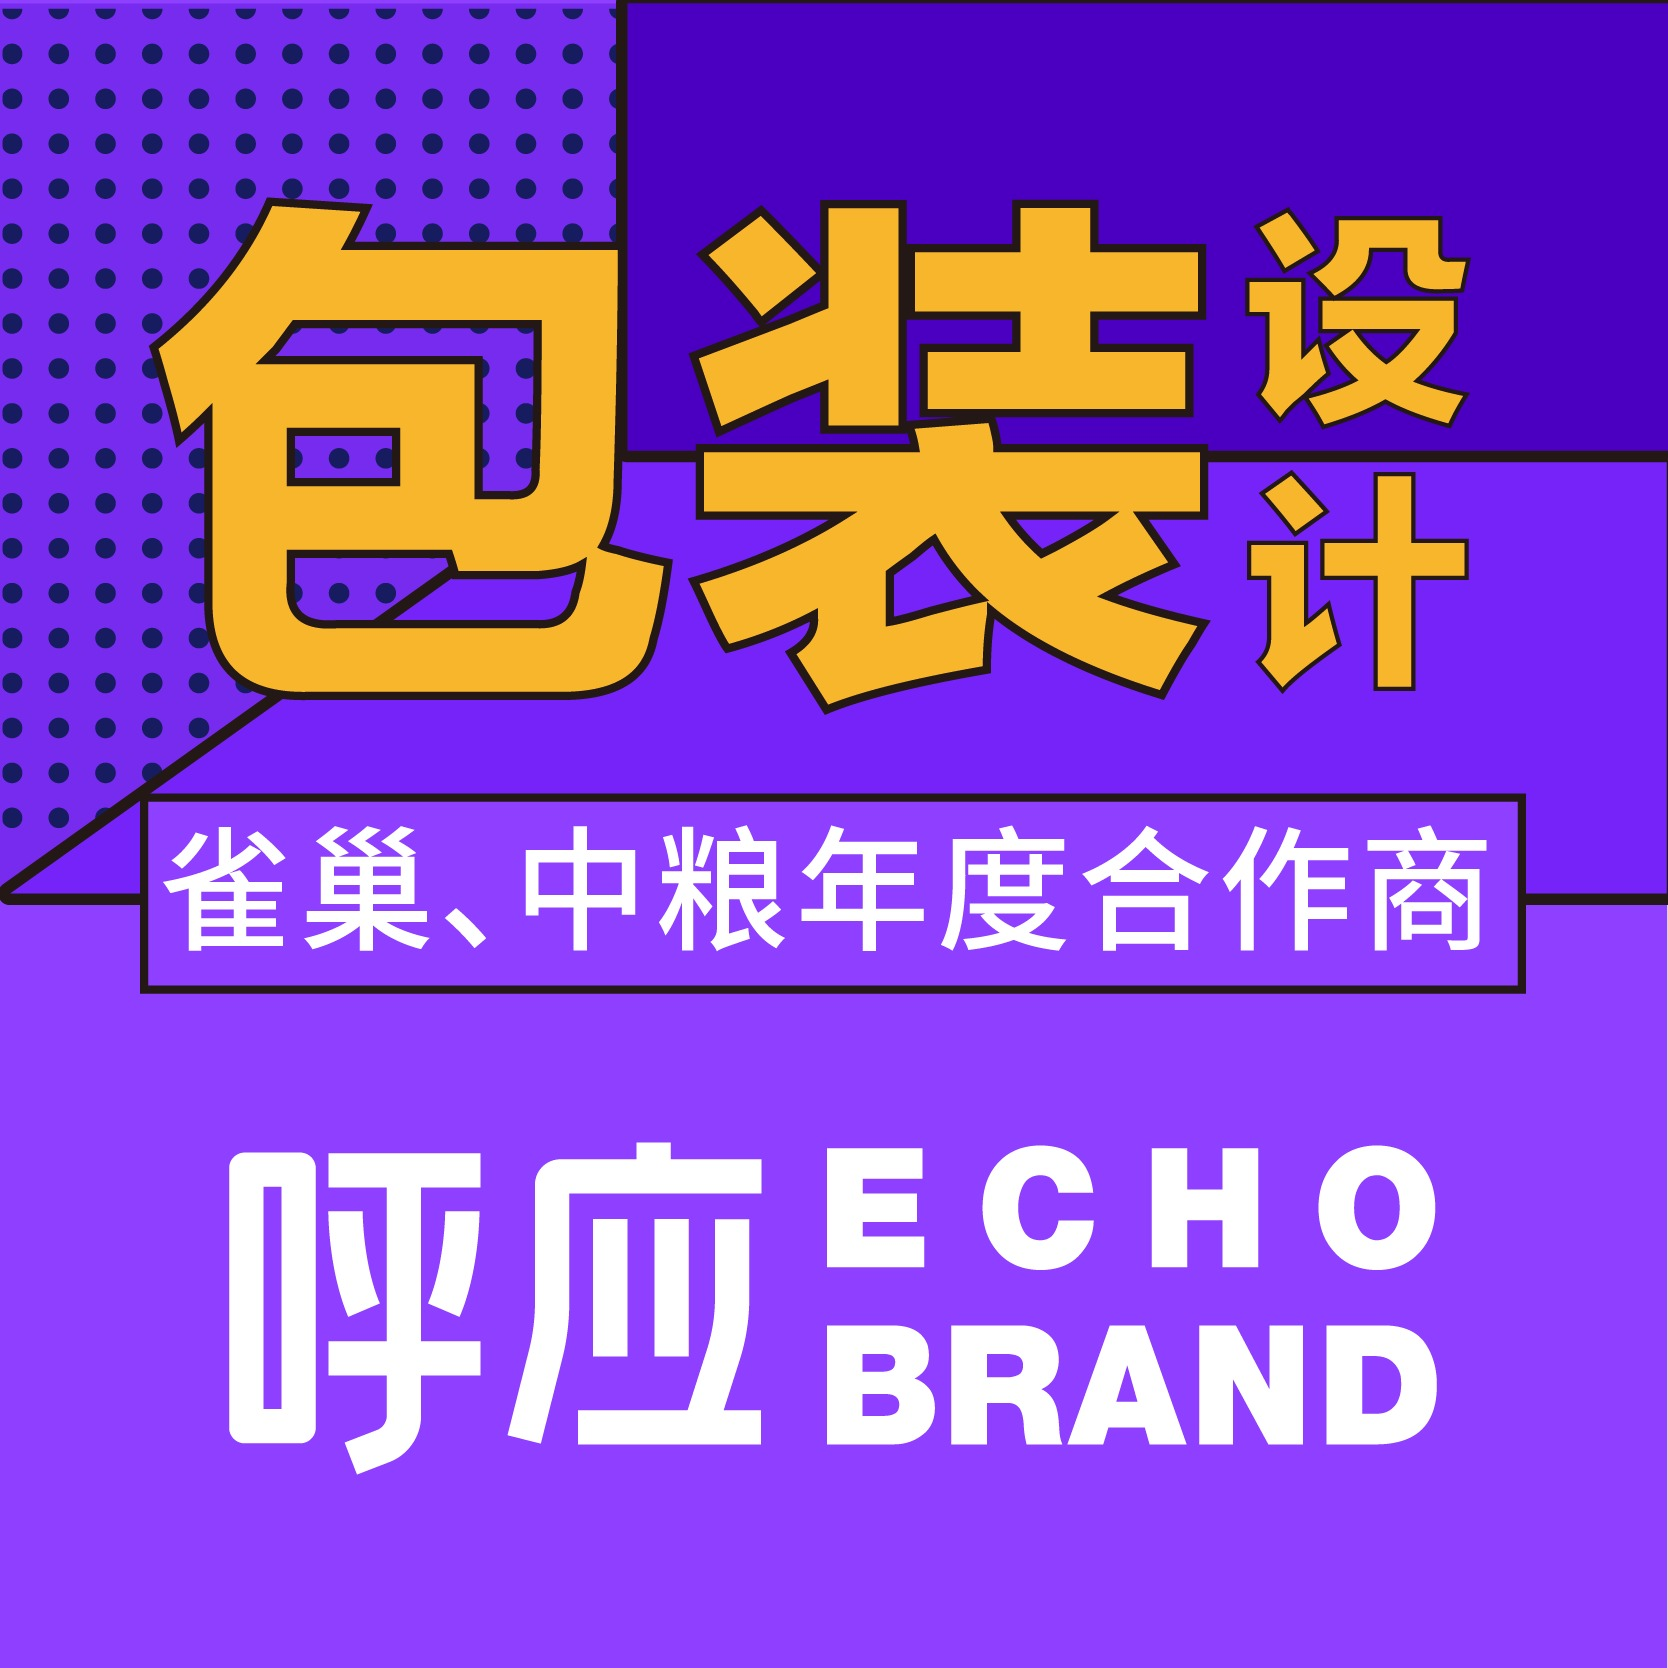 包装设计 师产品食品茶叶大米化妆品包装盒设计瓶贴标签包装袋设计